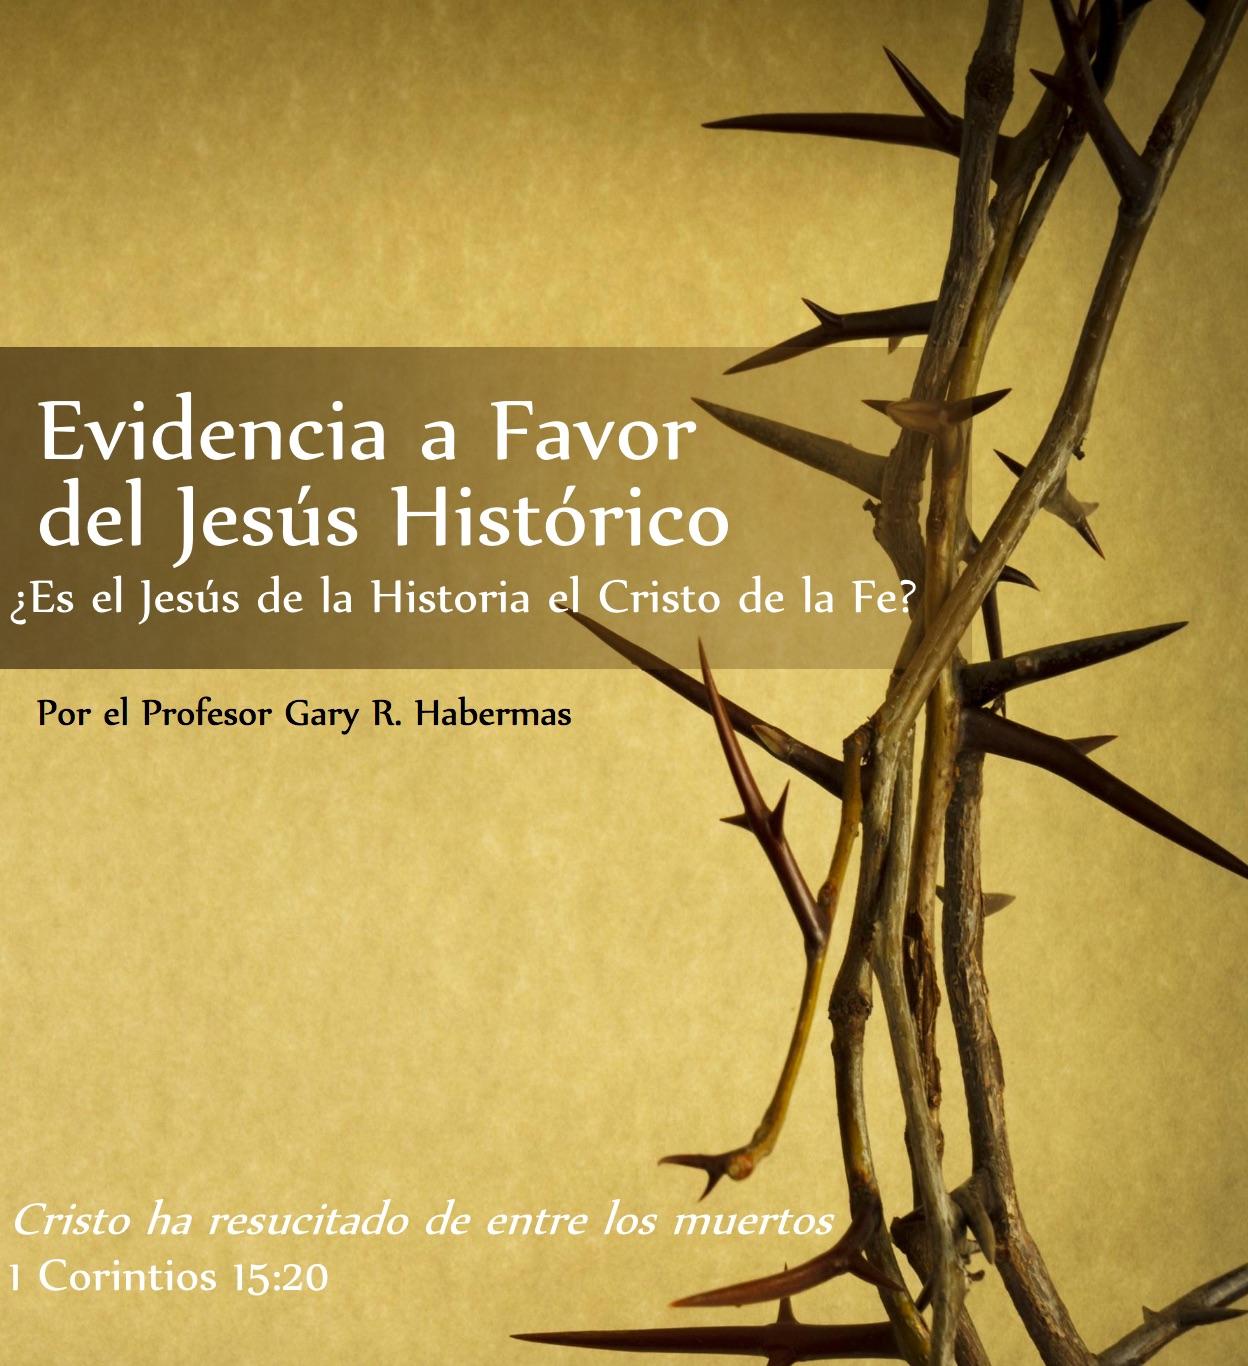 Libro-Evidencia-a-favor-de-Jesus-Historico-Por-Gary-Habermas